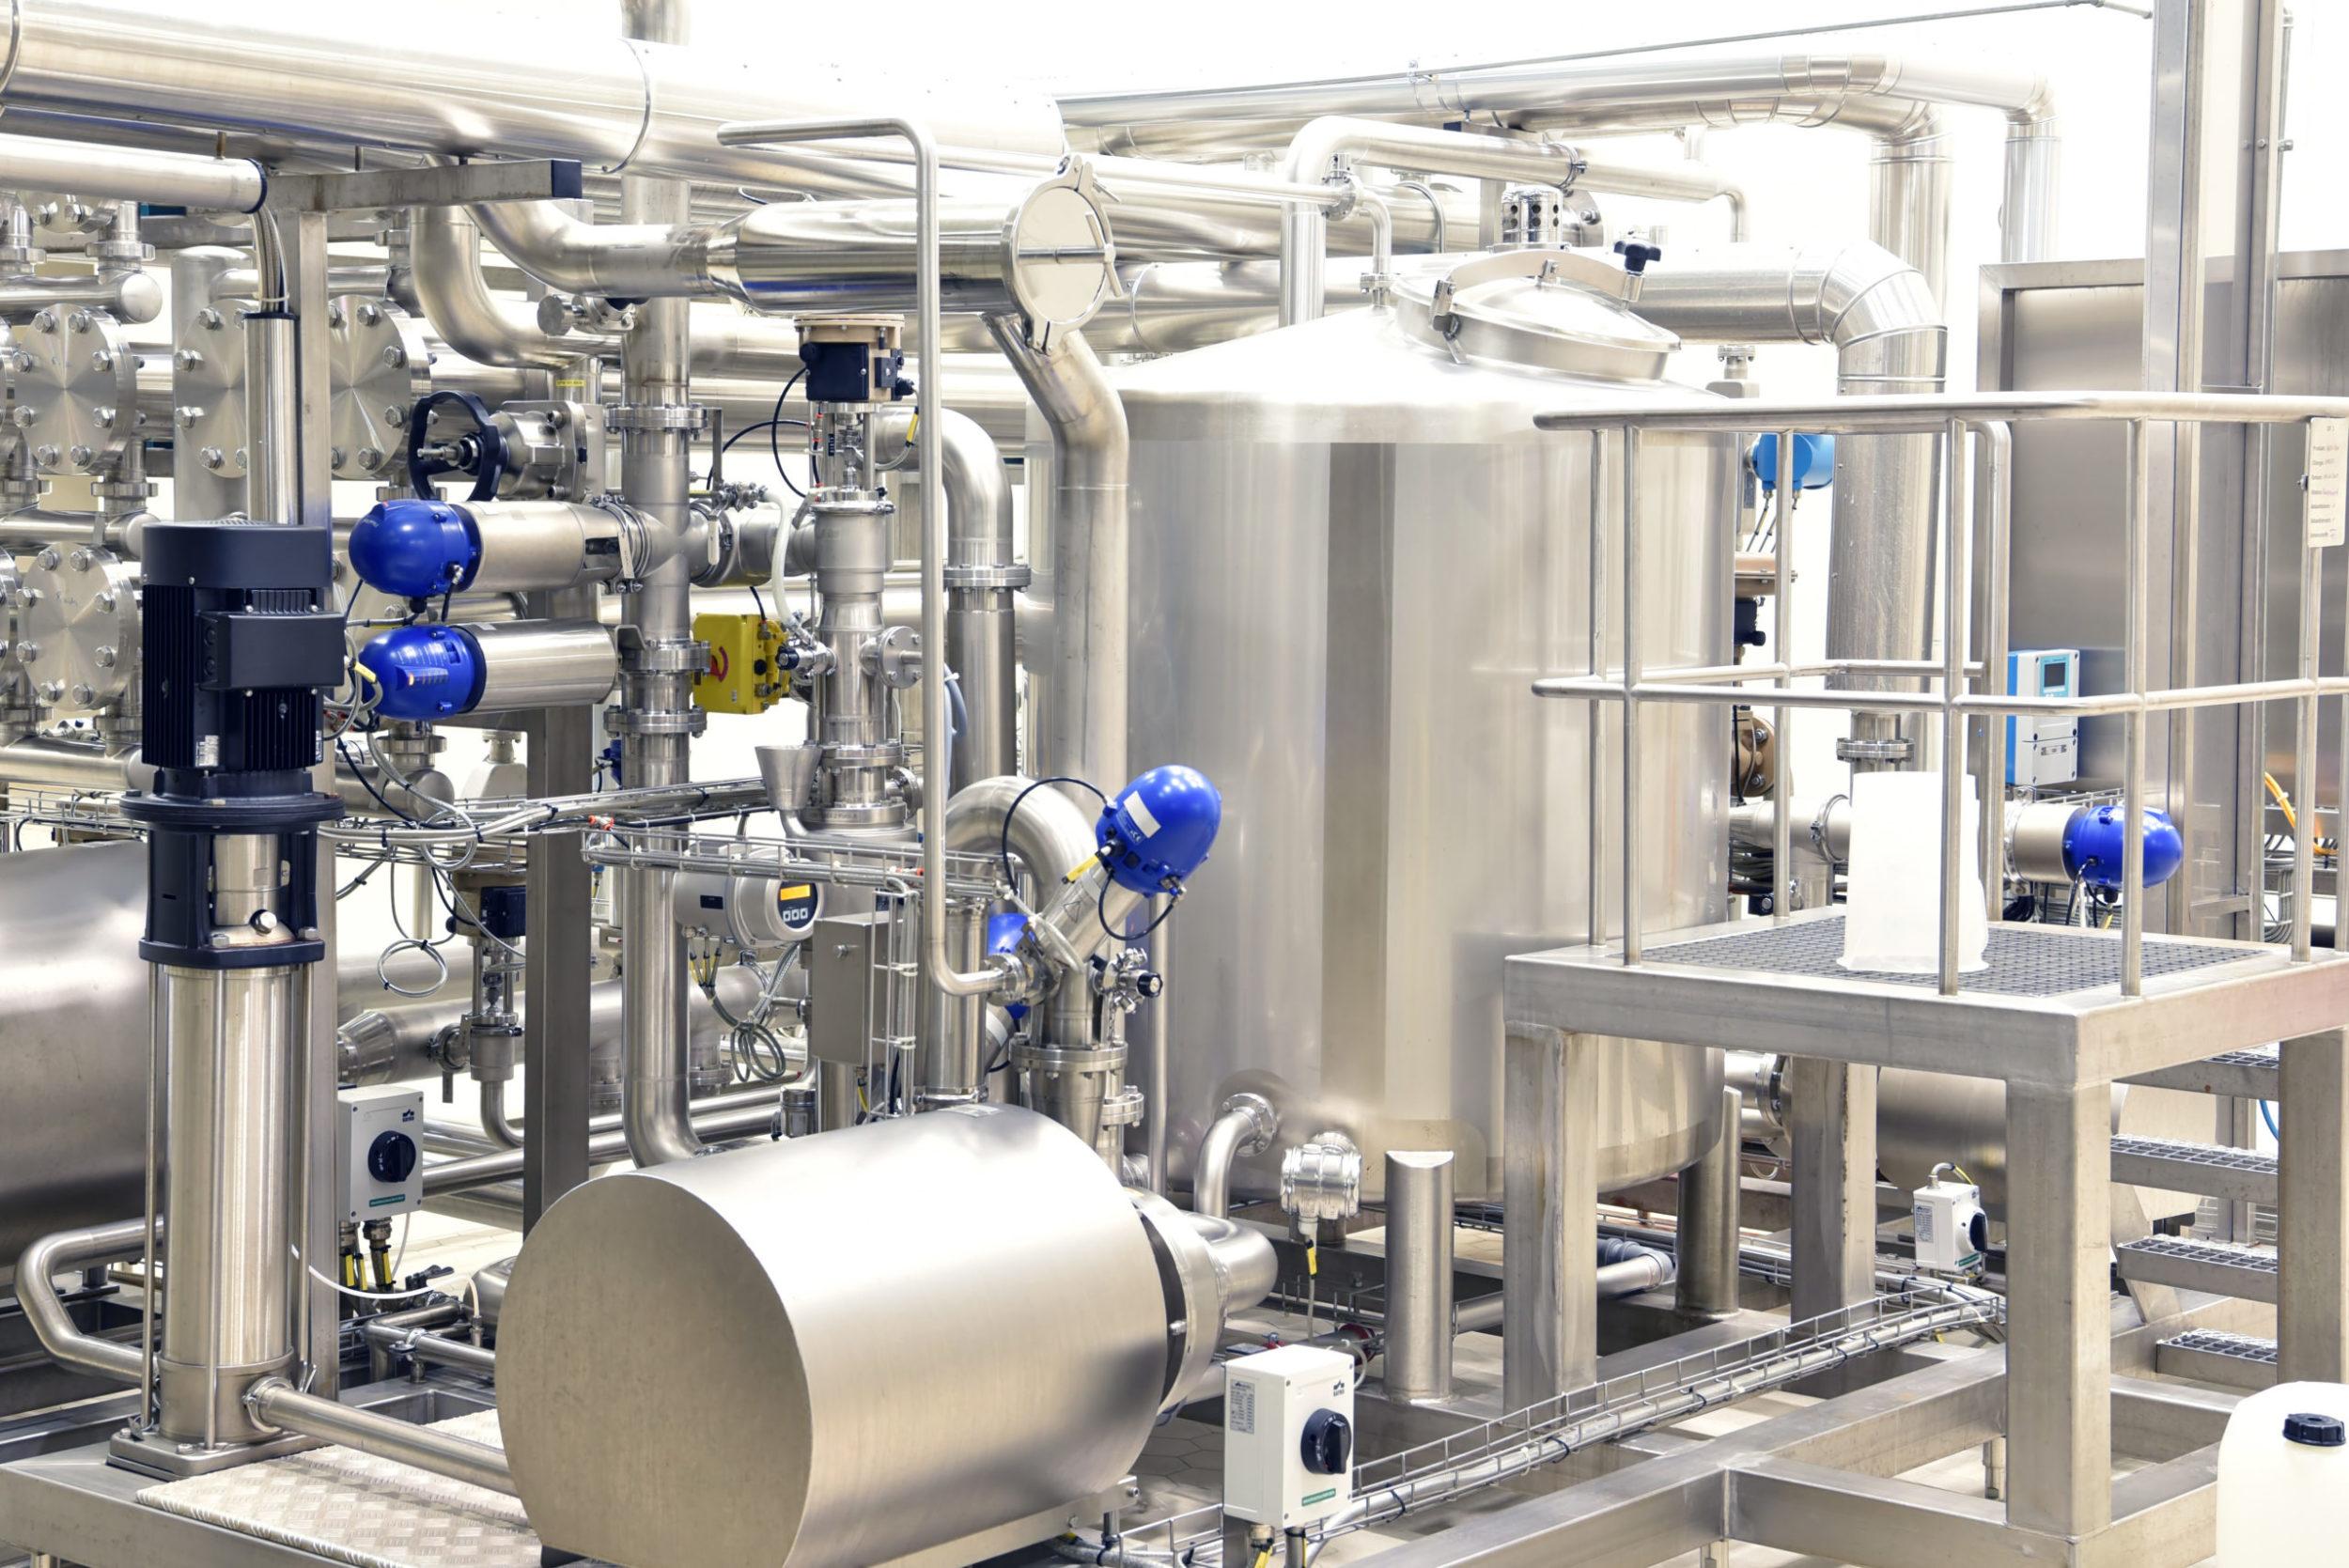 Maschinen und Anlage, Kessel und Rohrleitungen in einer Fabrik für Medizin // Machines and equipment, boilers and pipelines in a factory